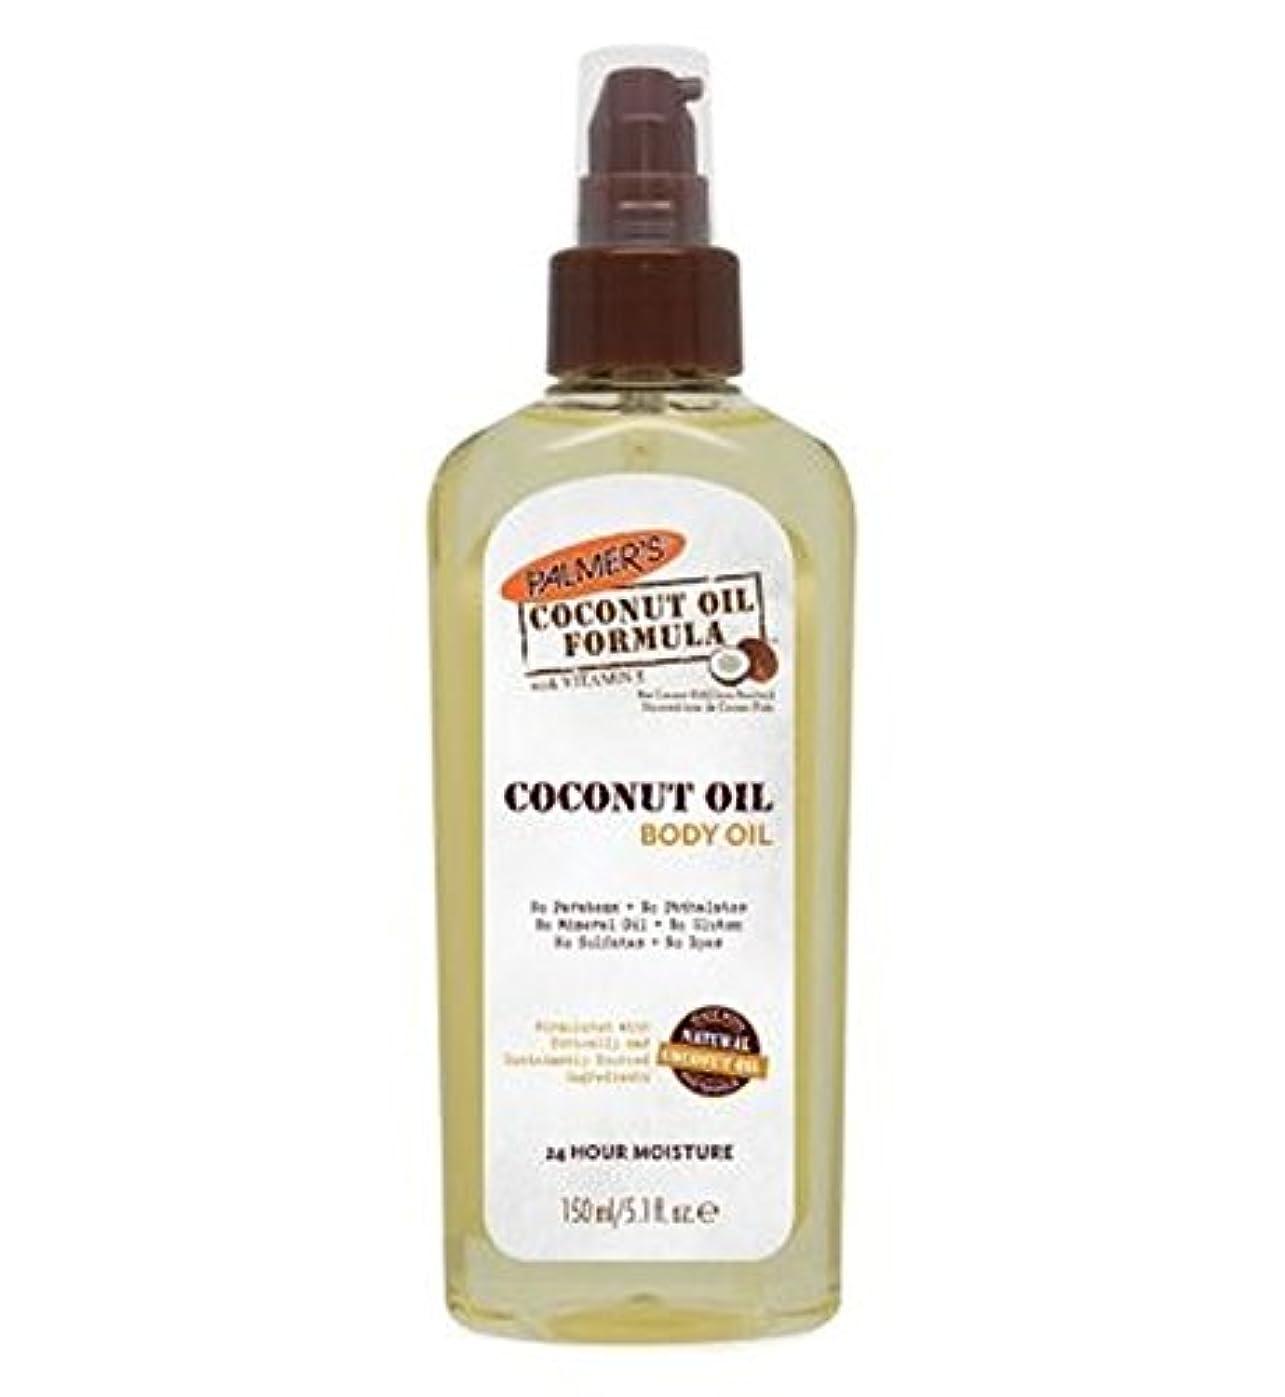 箱刈る仕立て屋Palmer's Coconut Oil Formula Body Oil 150ml - パーマーのココナッツオイル式ボディオイル150ミリリットル (Palmer's) [並行輸入品]